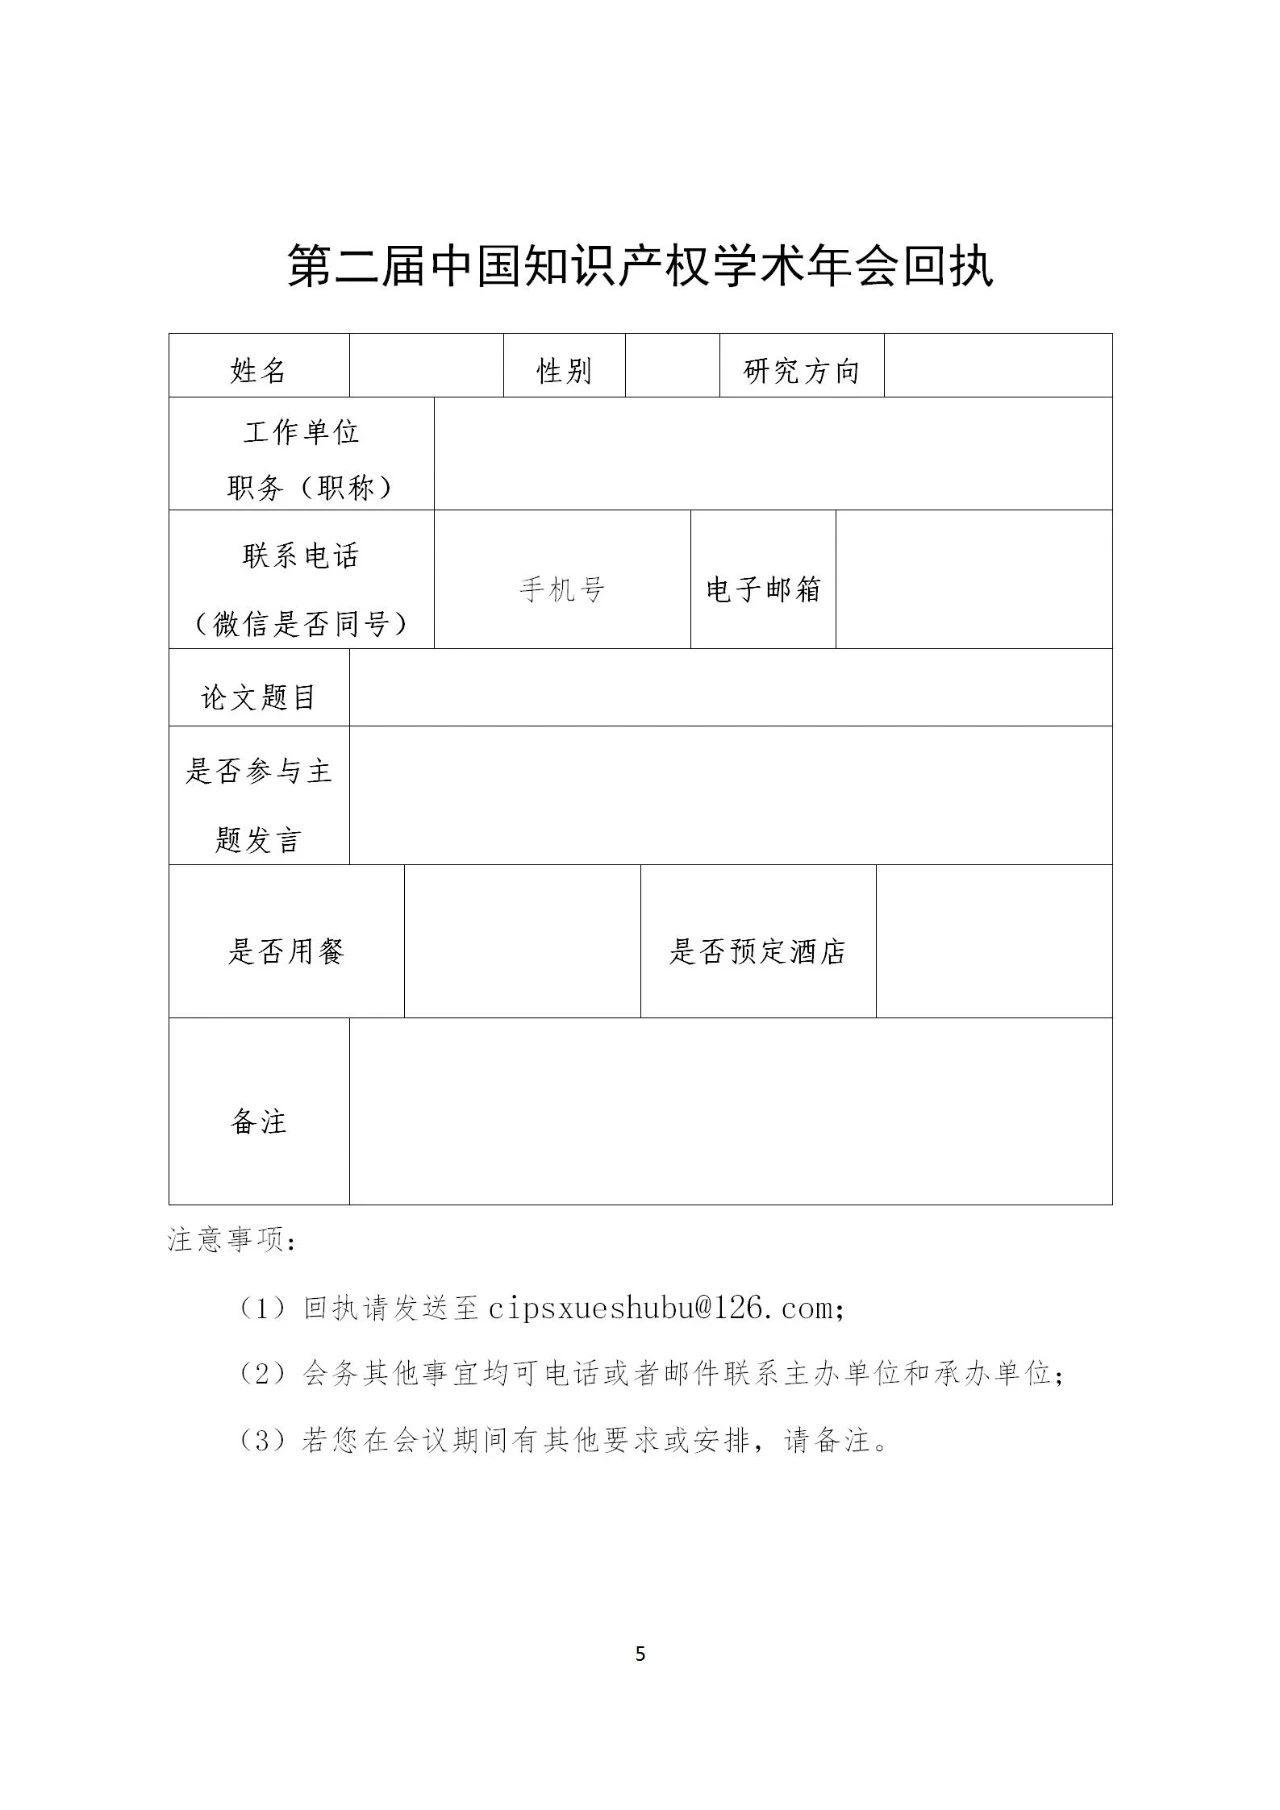 征文!第二届中国知识产权学术年会会议主题